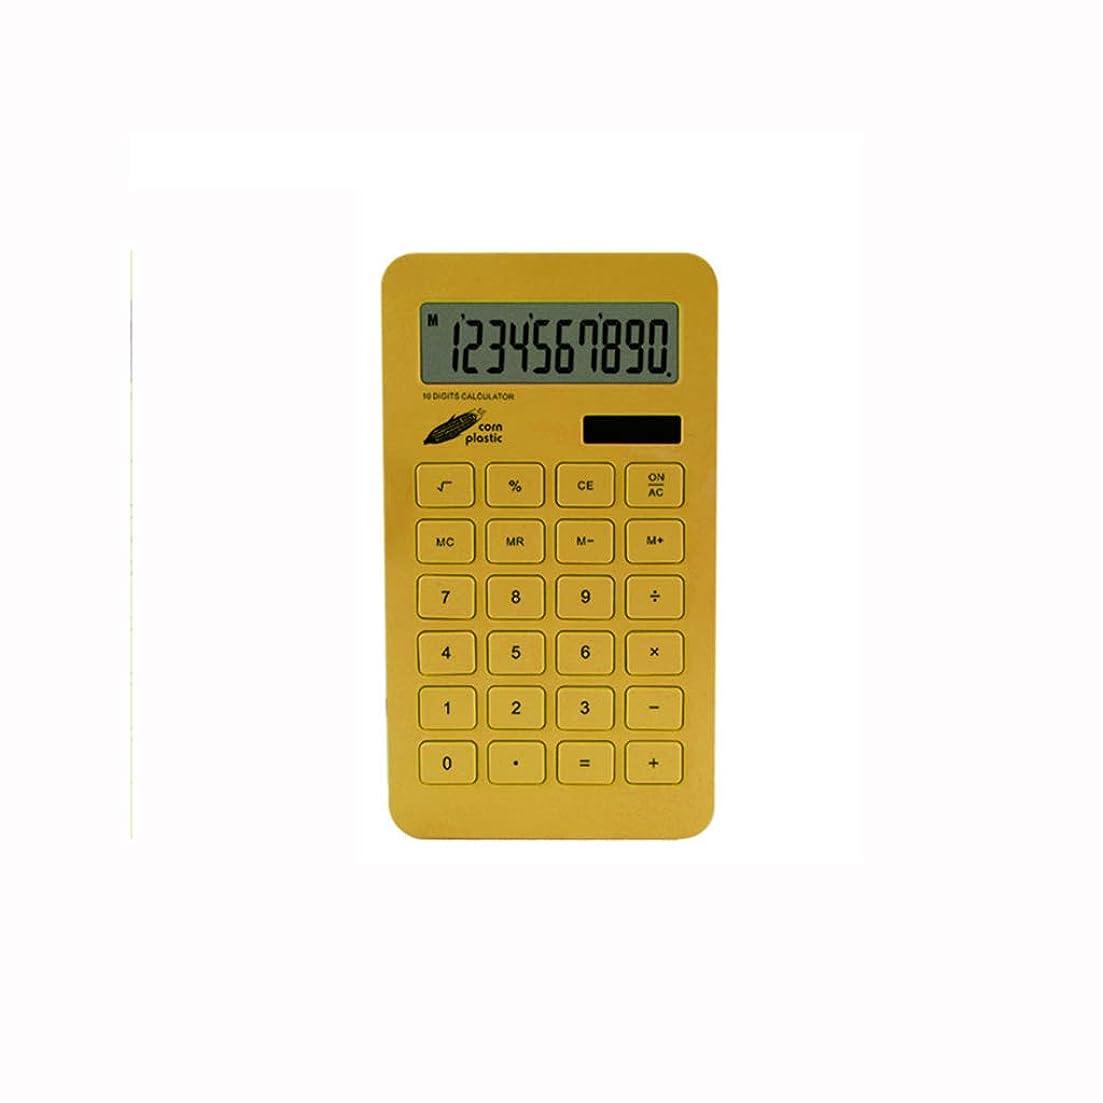 避難変色する素人オフィス電卓 ビジネスギフトソーラー電卓デュアル電源10桁デスクトップストレート電卓サイズ:170mmx96mmx10mm、黄色